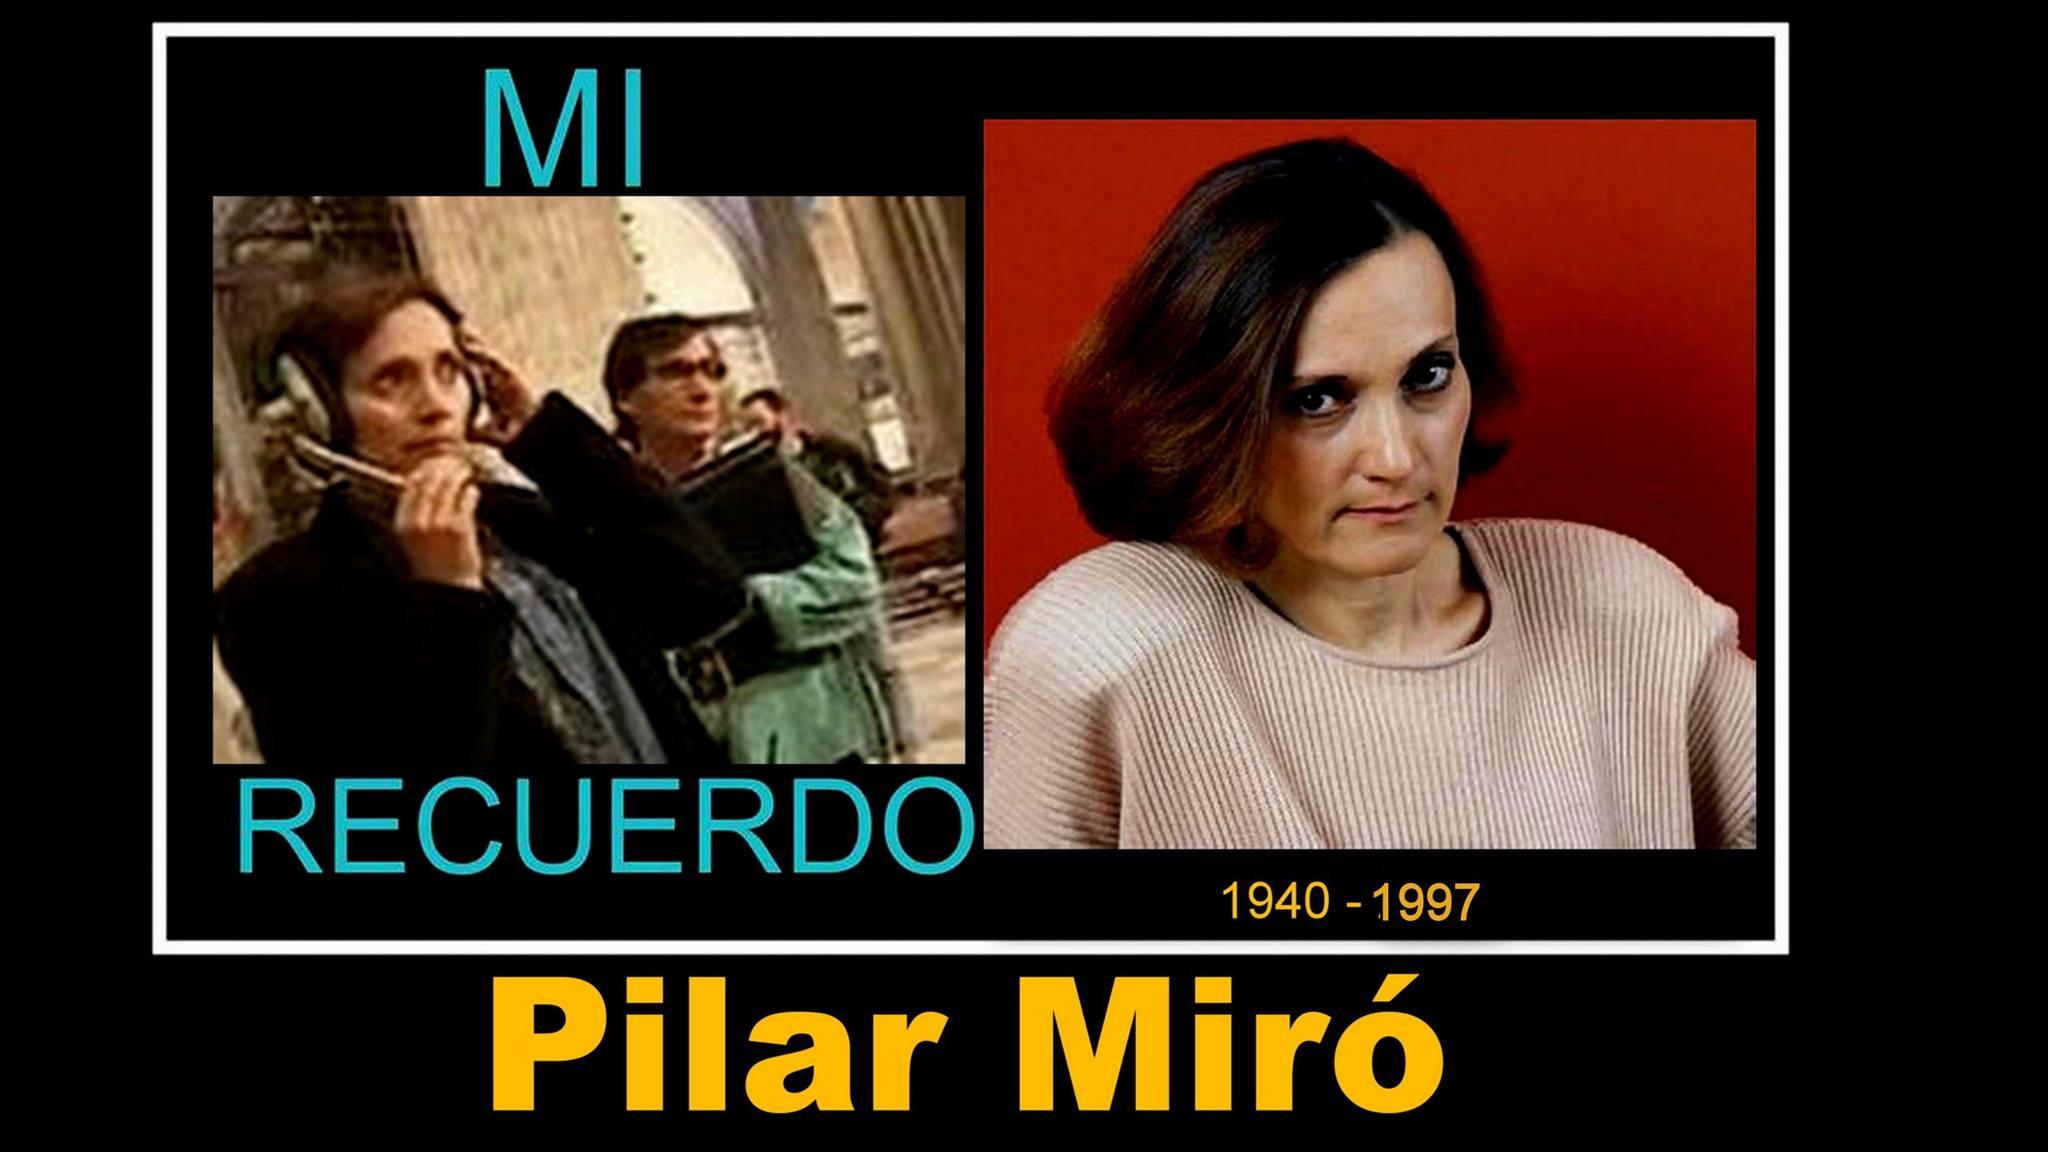 Mi recuerdo de Pilar Miró